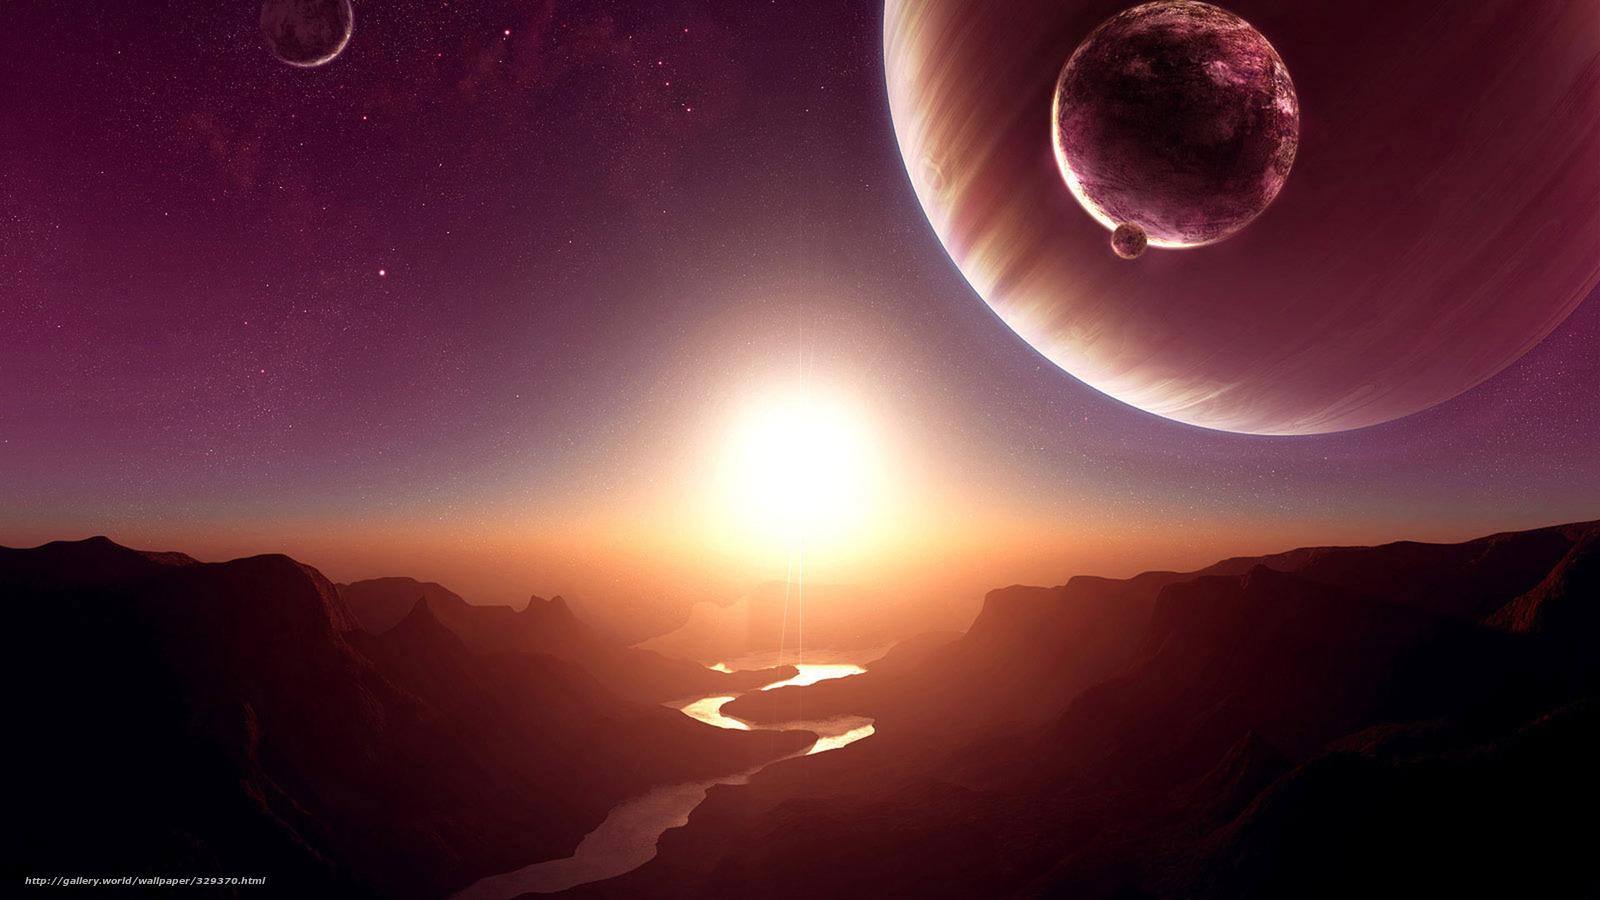 Скачать на телефон обои фото картинку на тему космос,  планета,  спутник,  солнце,  звезды,  река,  каньон,  скалы,  закат,  рассвет, разширение 1920x1080